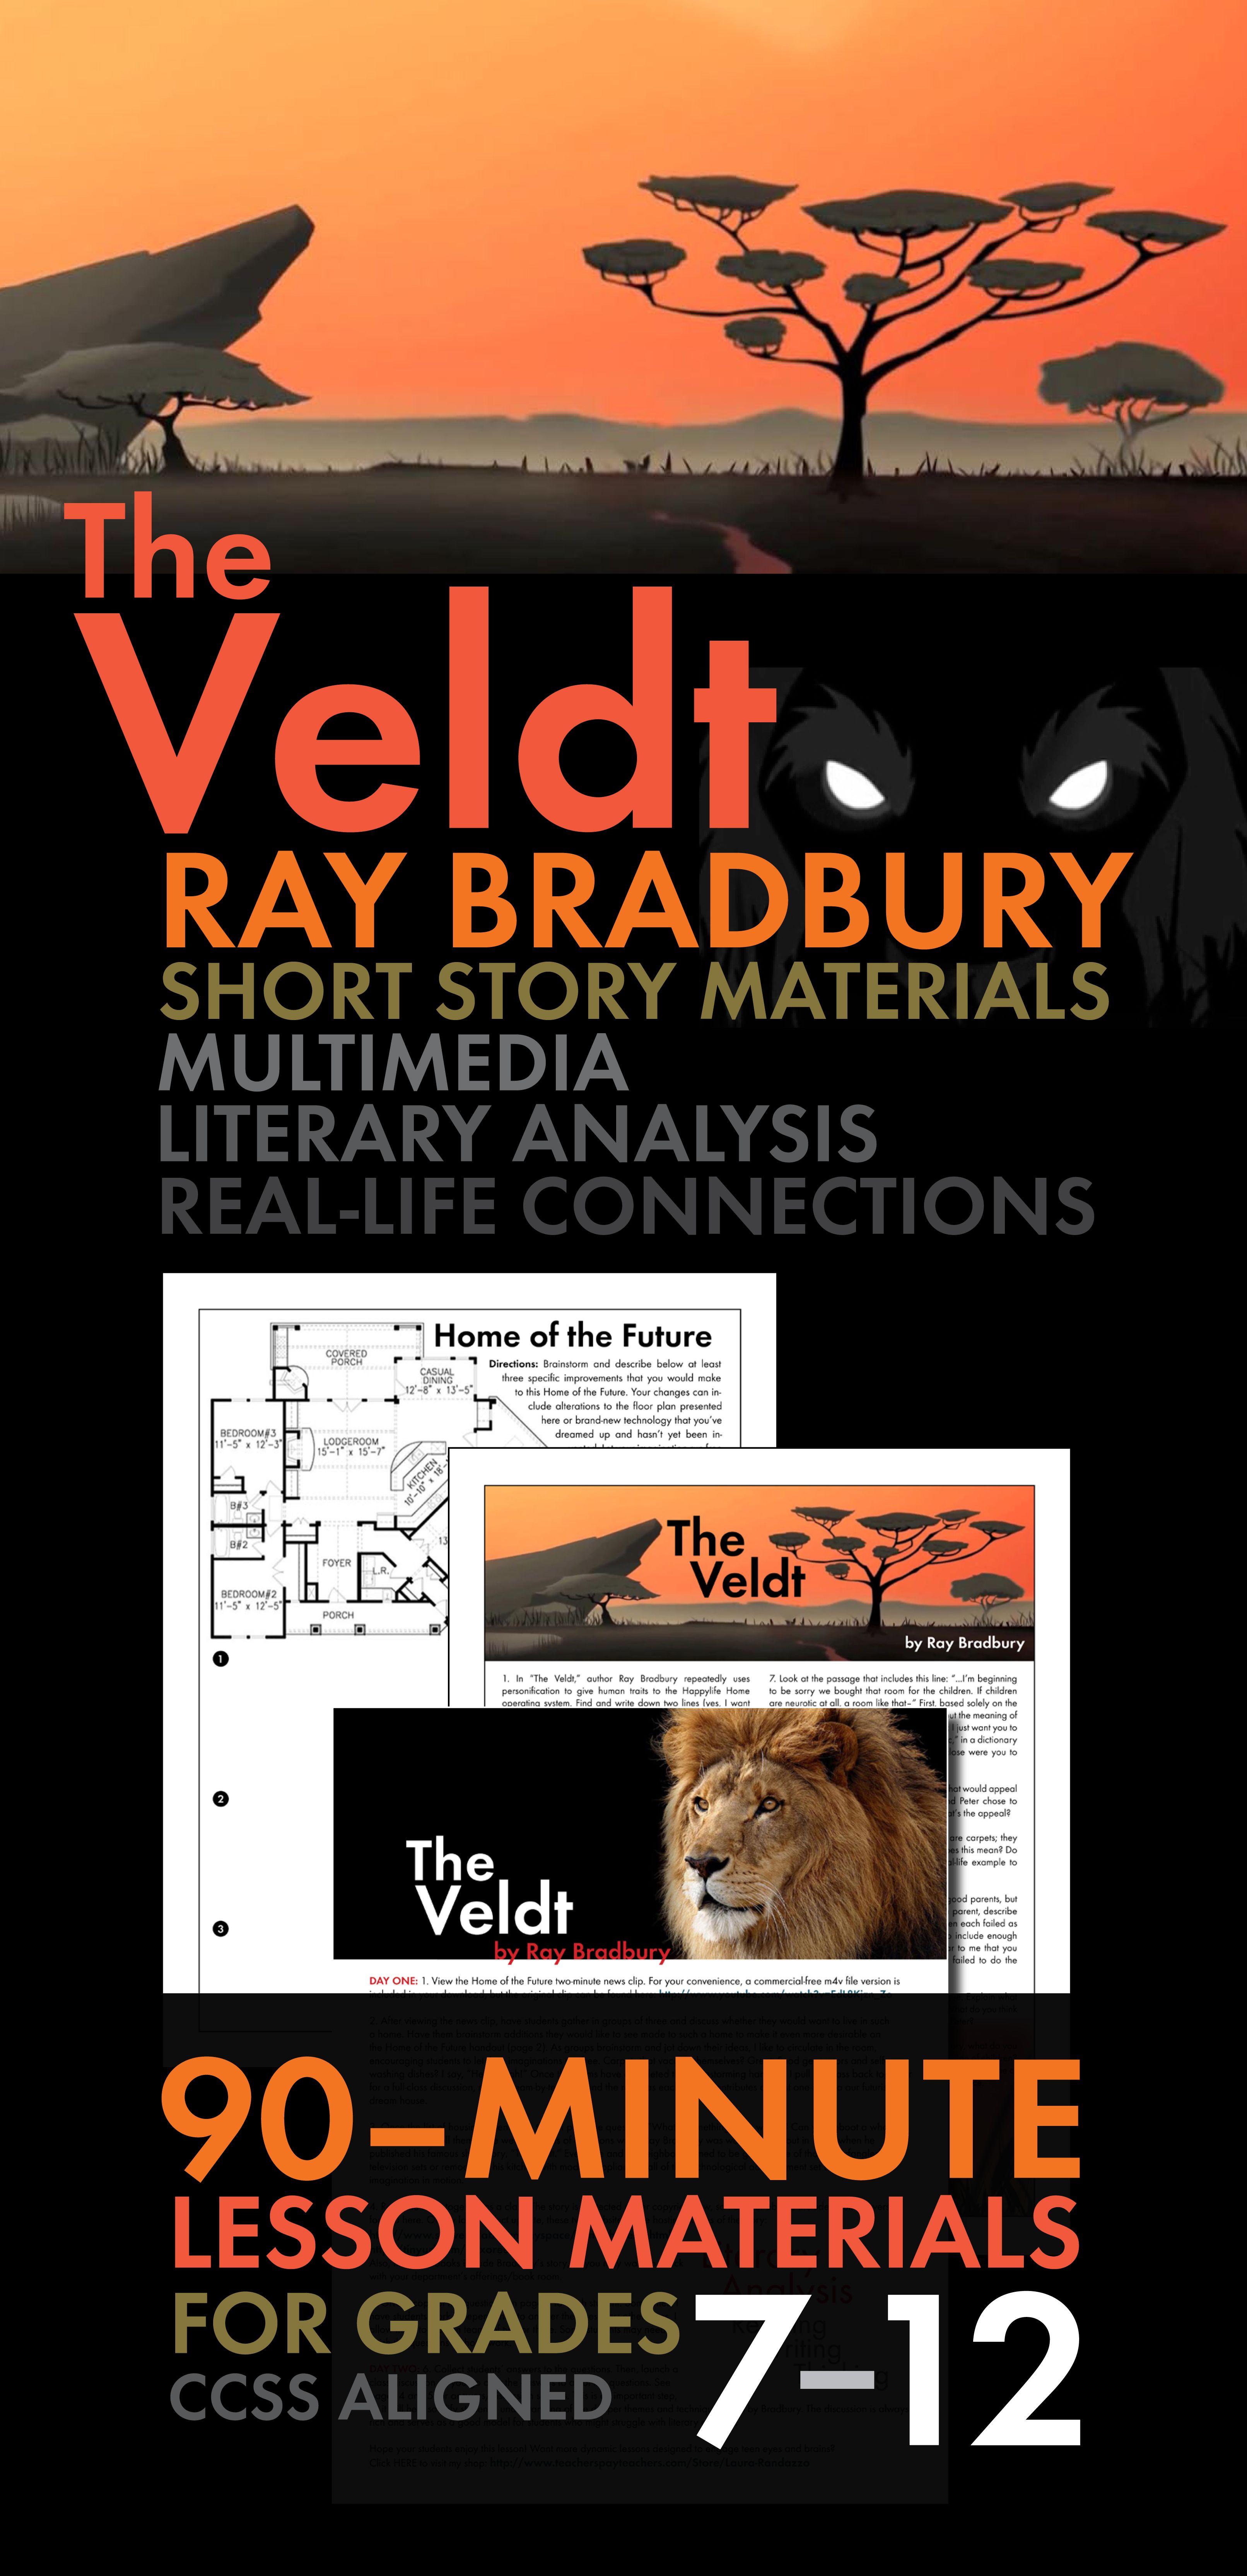 Ray Bradbury Short Stories The Veldt The Veldt By Ray